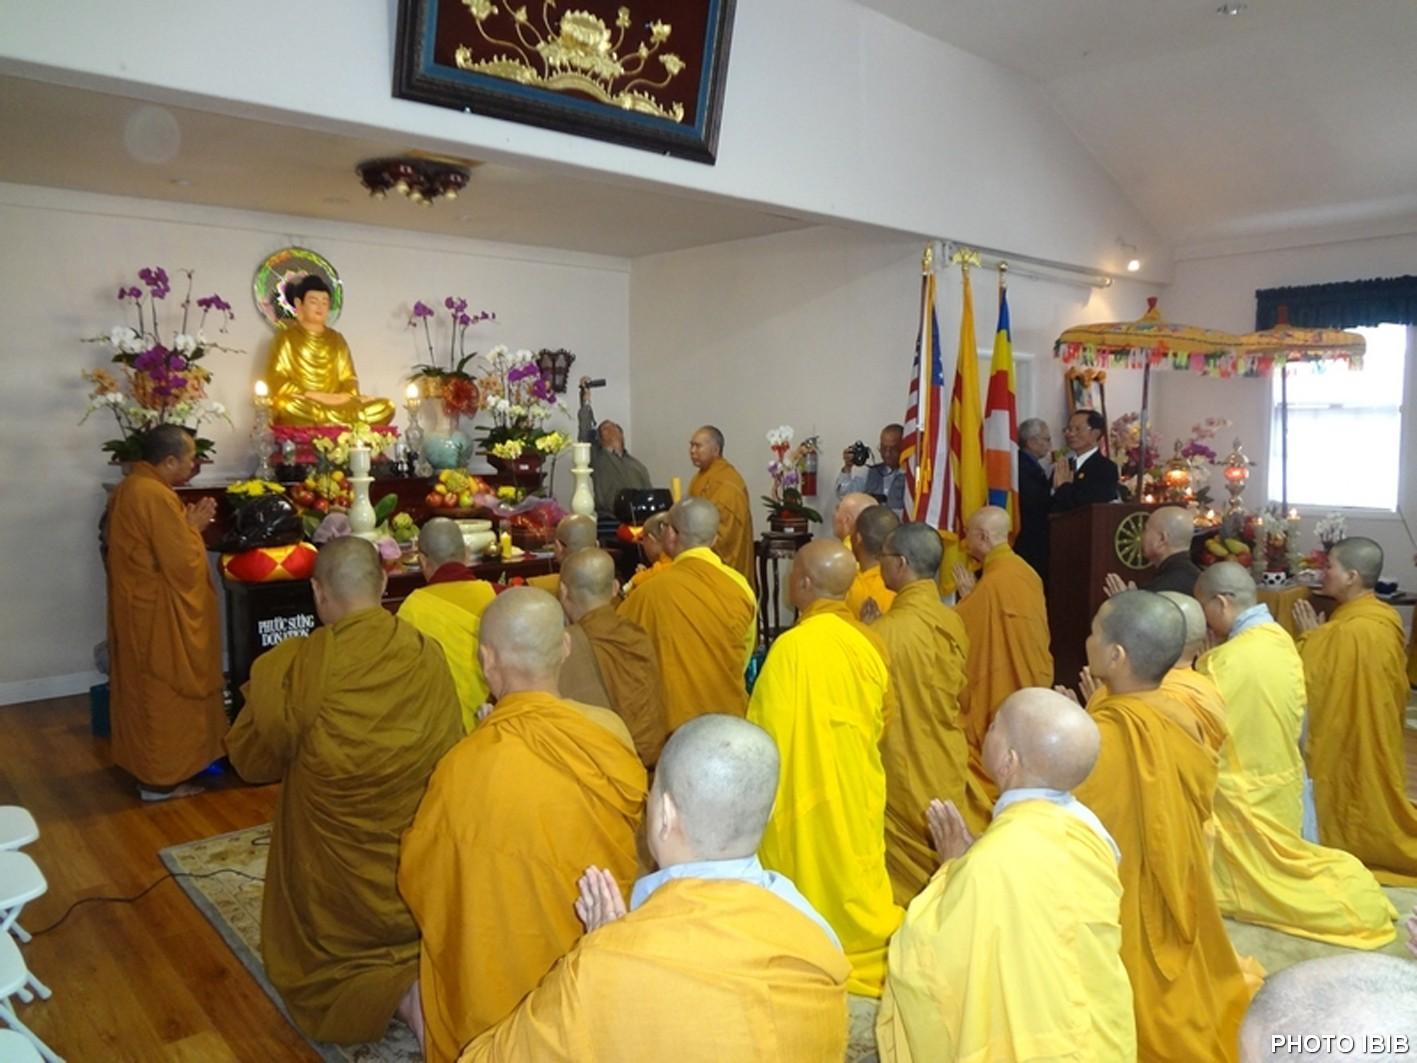 Chư Tăng Ni hành lễ Chung Thất tại Chánh điện chùa Phật Quang